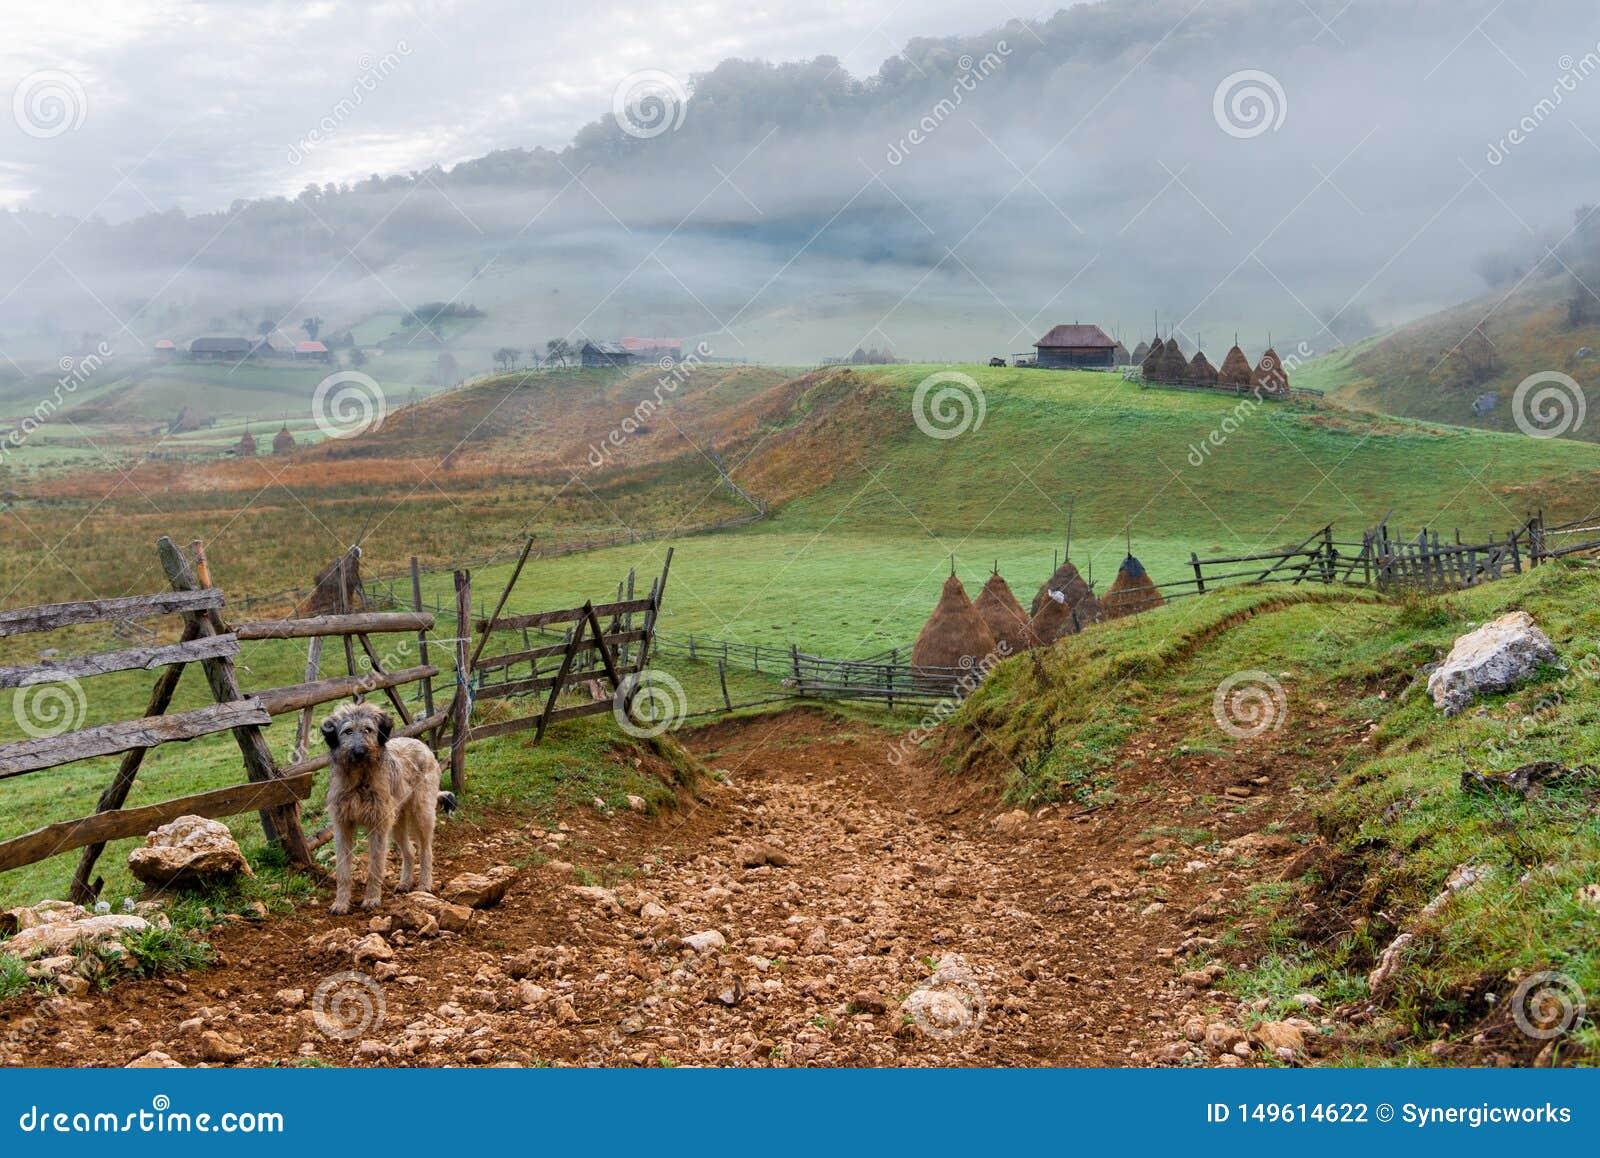 Gullig vakthund som bevakar ing?ngen till livlig och hisnande avl?gsen landsbygd, Fundatura Ponorului, Rum?nien